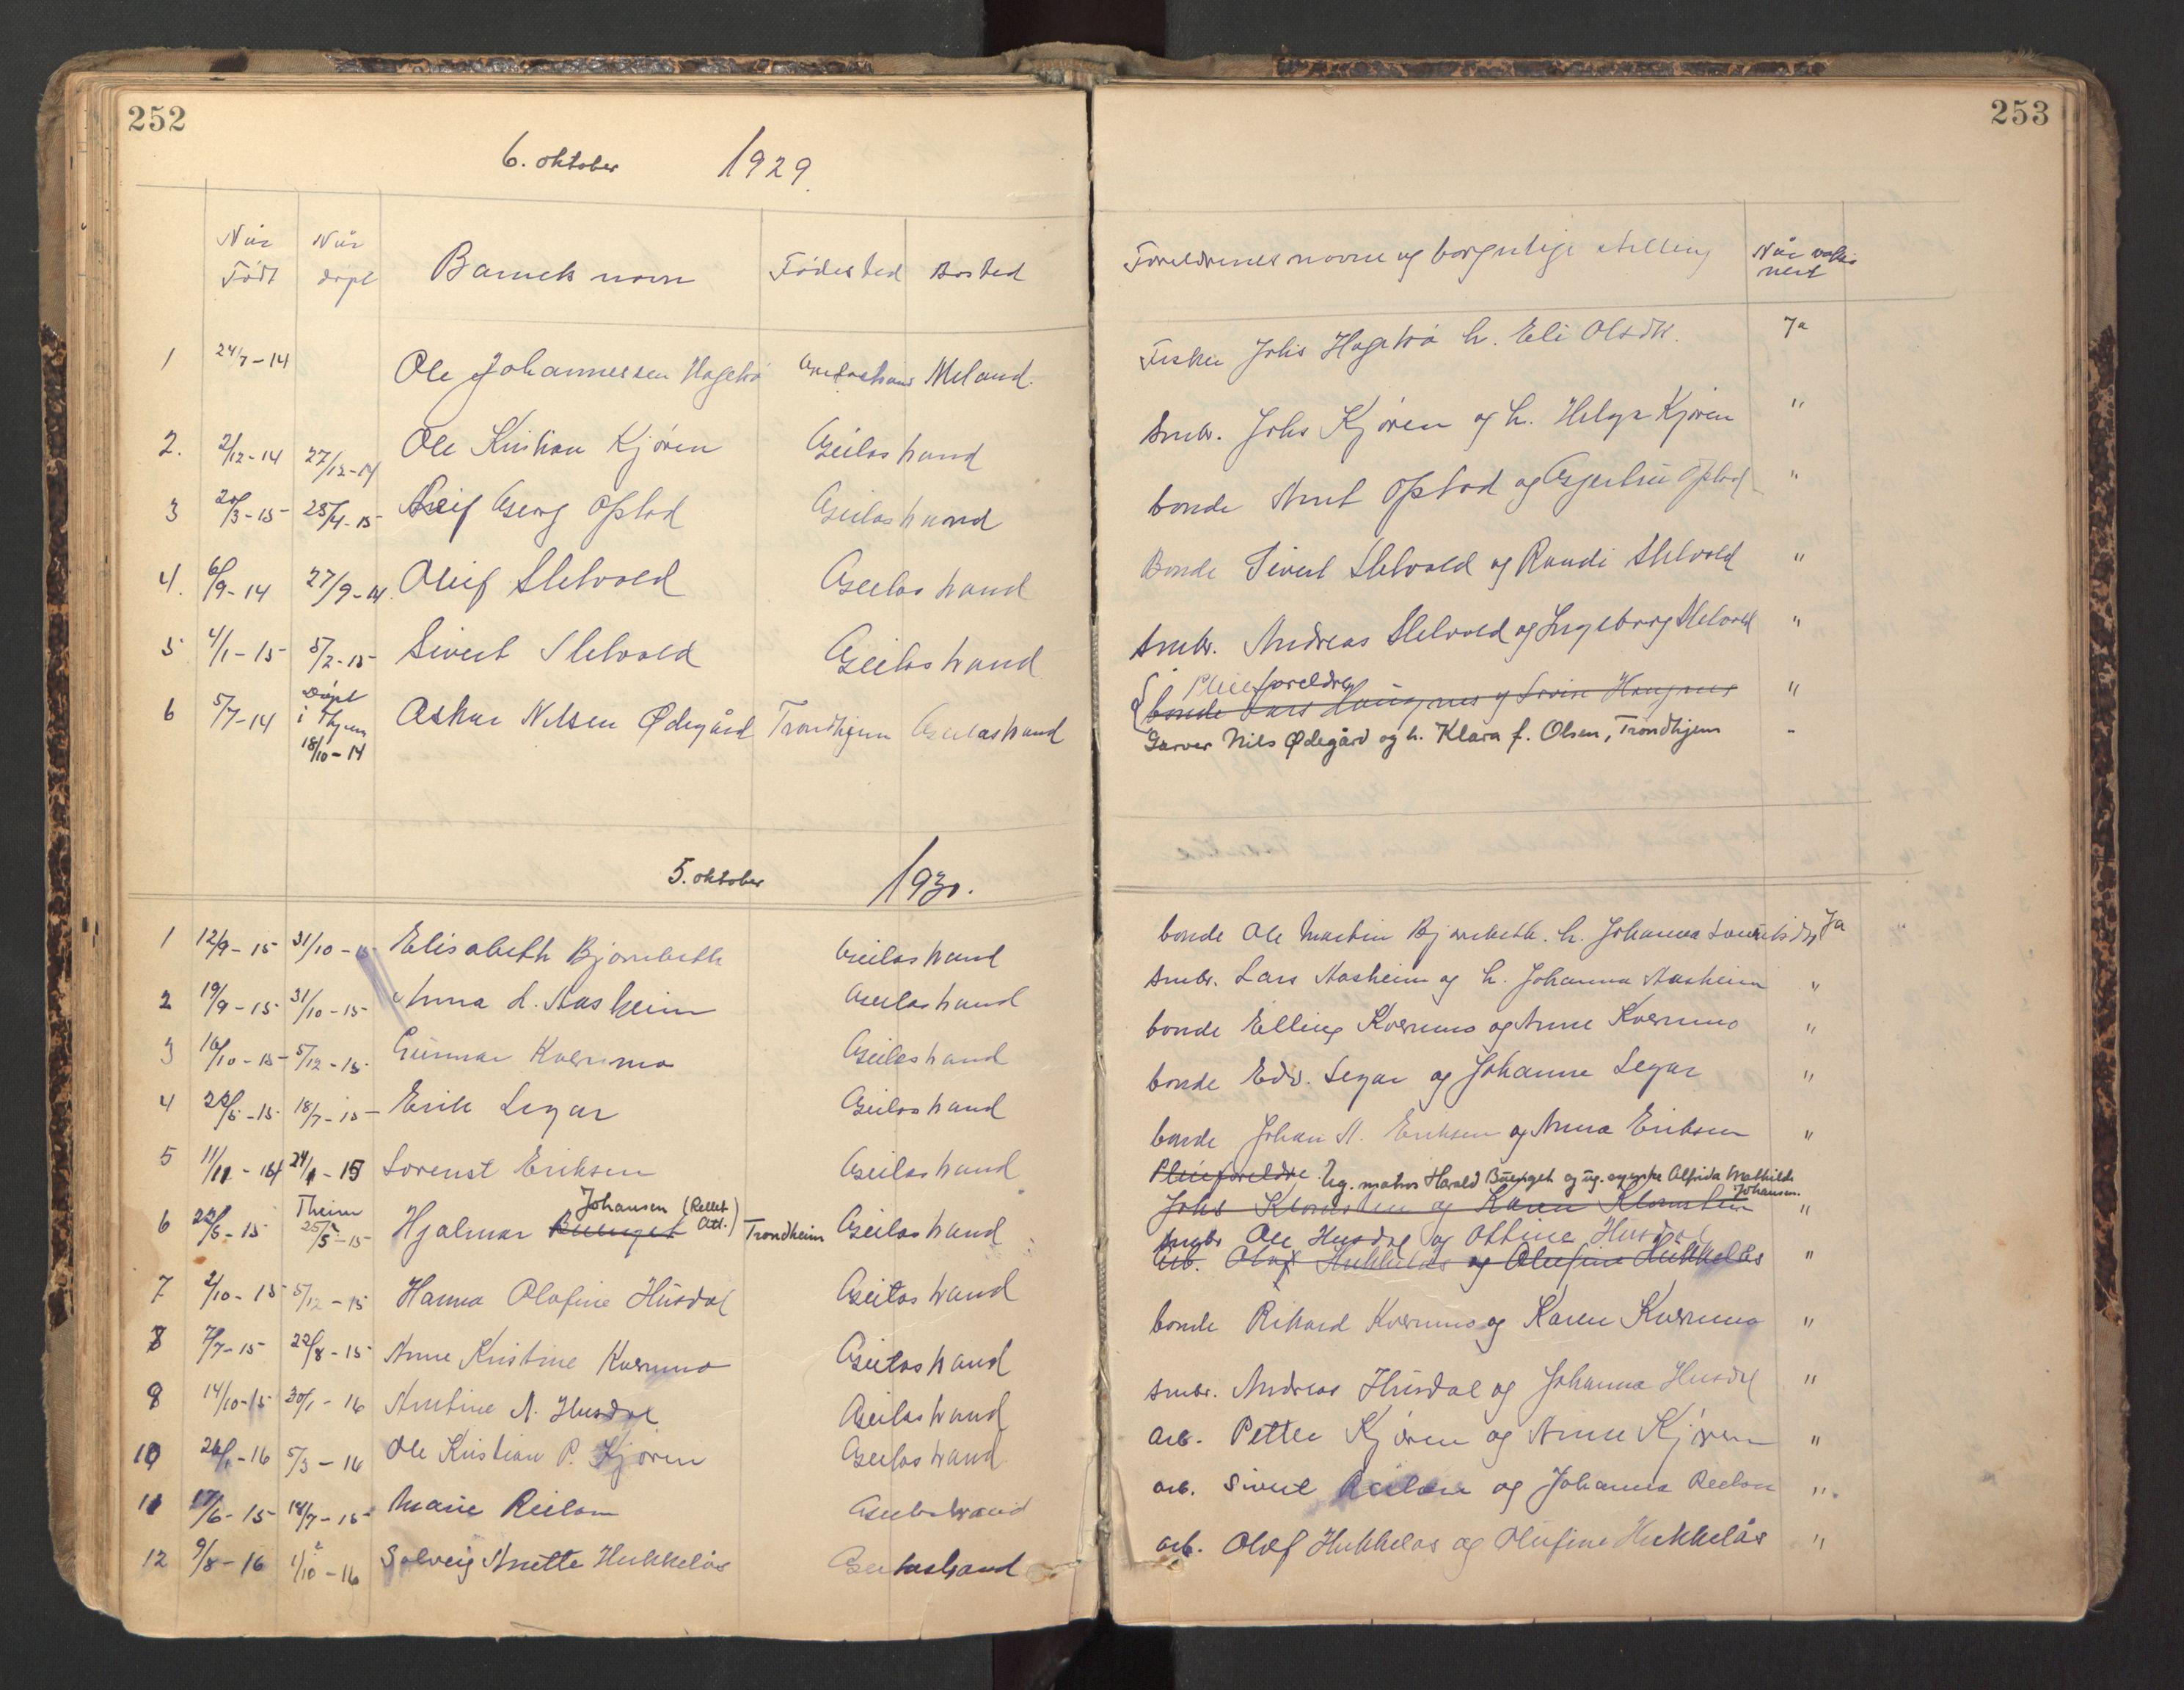 SAT, Ministerialprotokoller, klokkerbøker og fødselsregistre - Sør-Trøndelag, 670/L0837: Klokkerbok nr. 670C01, 1905-1946, s. 252-253